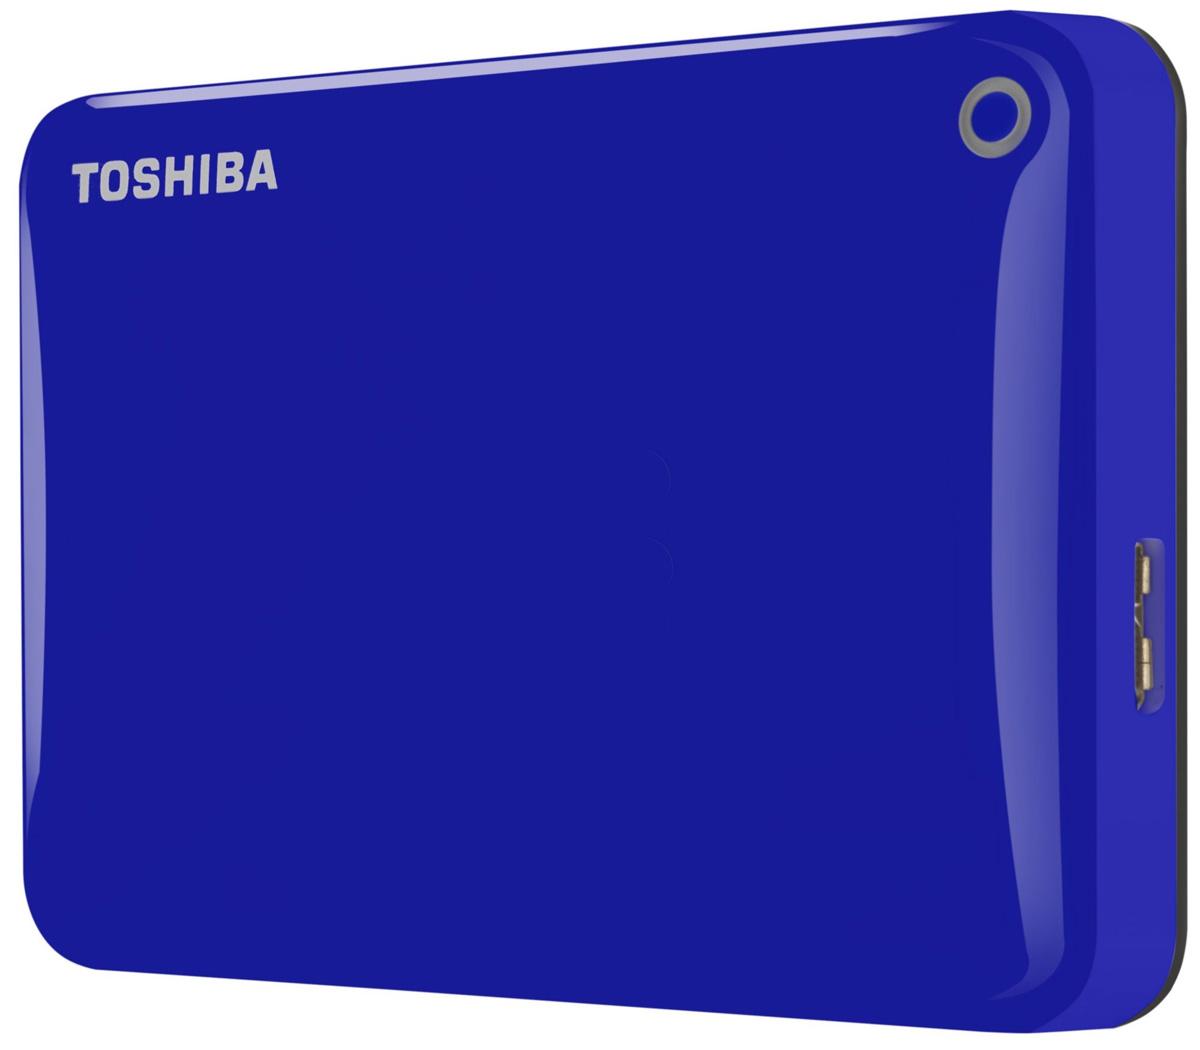 Toshiba Canvio Connect II 500GB, Blue внешний жесткий диск (HDTC805EL3AA)HDTC805EL3AAToshiba Canvio Connect II дает вам возможность быстро передавать файлы с интерфейсом USB 3.0 и хранитьбольшое количество данных на внешнем жестком диске. Устройство полностью готово для работы с MicrosoftWindows и не требует установки программного обеспечения, так что ничего не может быть удобнее для хранениявсех ваших любимых файлов. В офисе или в дороге его классический дизайн будет всегда уместен. Более того,Toshiba Canvio Connect II позволяет подключаться также и к оборудованию с совместимостью USB 2.0.Этот внешний накопитель обеспечивает доступ к вашим файлам практически из любого места и с любогоустройства. Toshiba Canvio Connect II может легко превратить ваш компьютер в облачный сервер благодаряпредустановленному ПО для удаленного доступа (накопитель должен быть подключен к компьютеру и Wi-Fi).Помимо удаленного доступа это устройство предоставляет своему владельцу 10 ГБ дополнительного места воблачном сервисе. Программное обеспечение NTI Backup Now EZ обеспечивает удобное и надежное созданиерезервных копий и восстановление всех ваших папок, файлов и операционной системы.Canvio Connect II оборудован датчиком ударов, сигнал которого переводит головку жесткого диска в безопасноеположение, за счет чего снижается риск повреждения носителя и потери данных при падении накопителя.Накопитель имеет уже установленный драйвер NTFS для Mac, поэтому вам не придется волноваться из-за типавашего компьютера - просто подключите Canvio Connect II и получите доступ к вашим файлам.